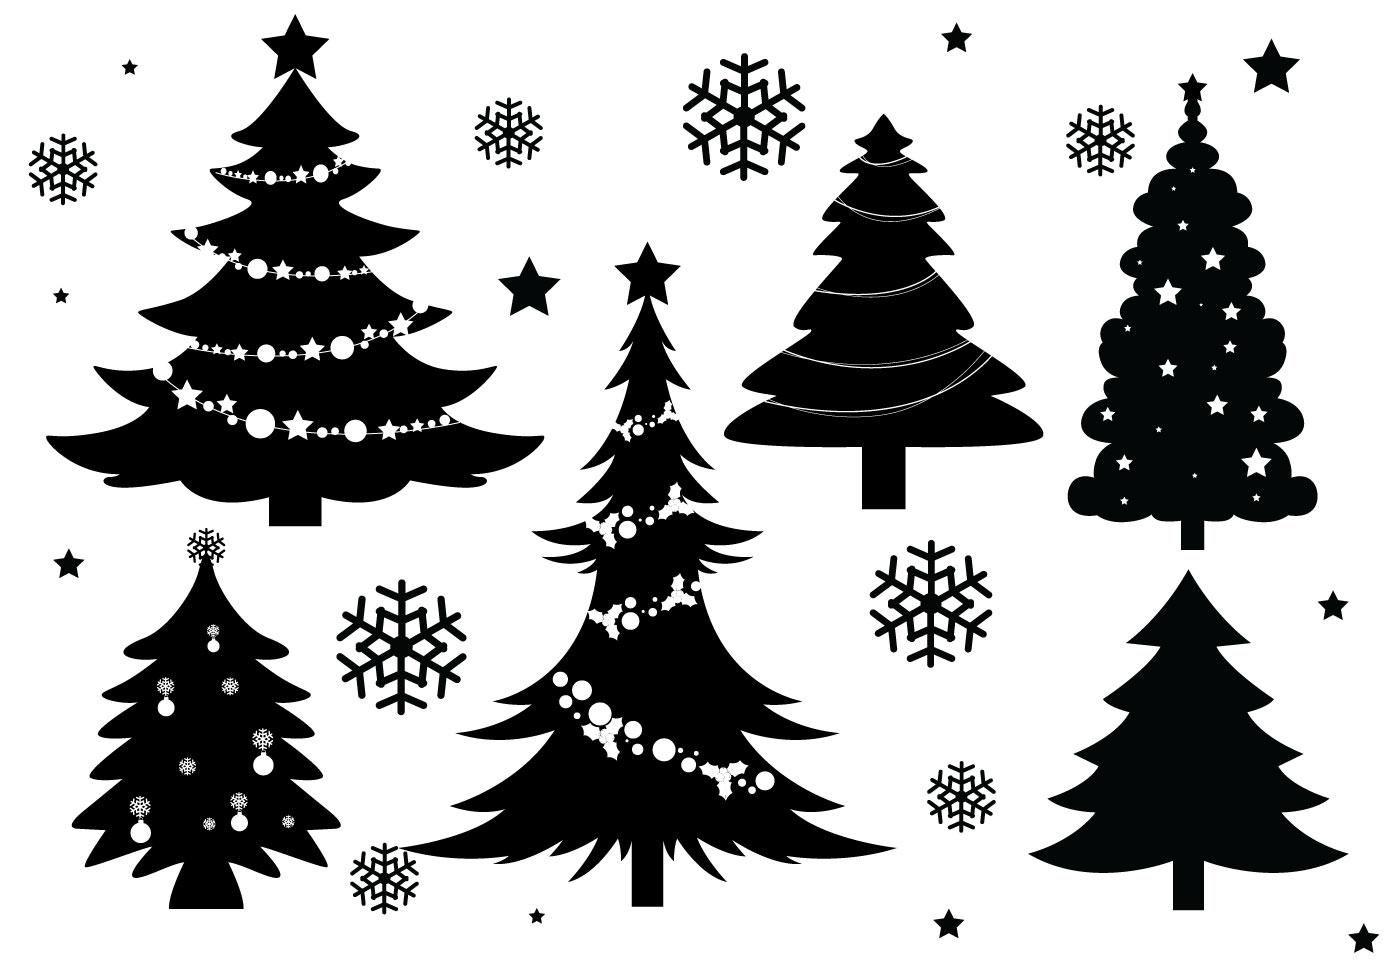 Christmas Tree Silhouette Vectors Christmas Tree Silhouette Silhouette Christmas Ornaments Silhouette Christmas